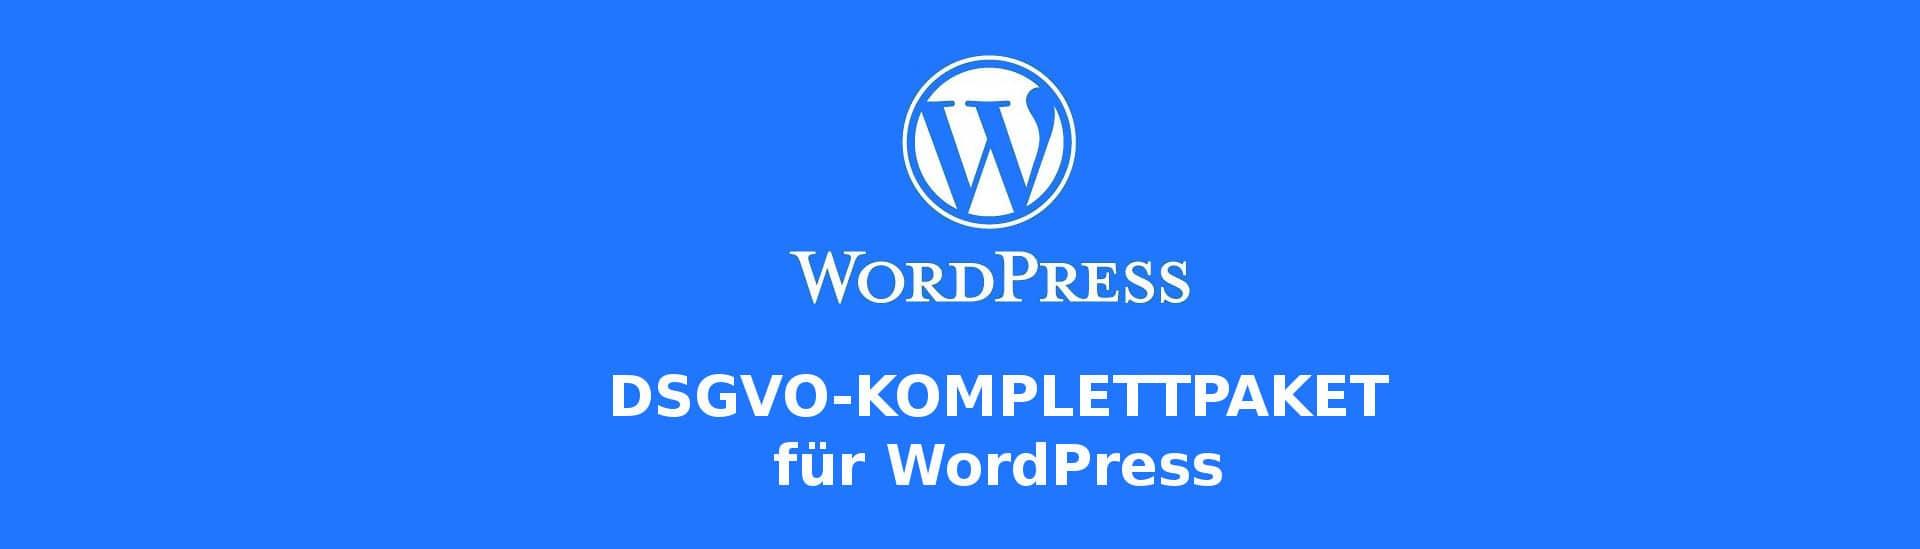 DSGVO-Komplettpaket für WordPress